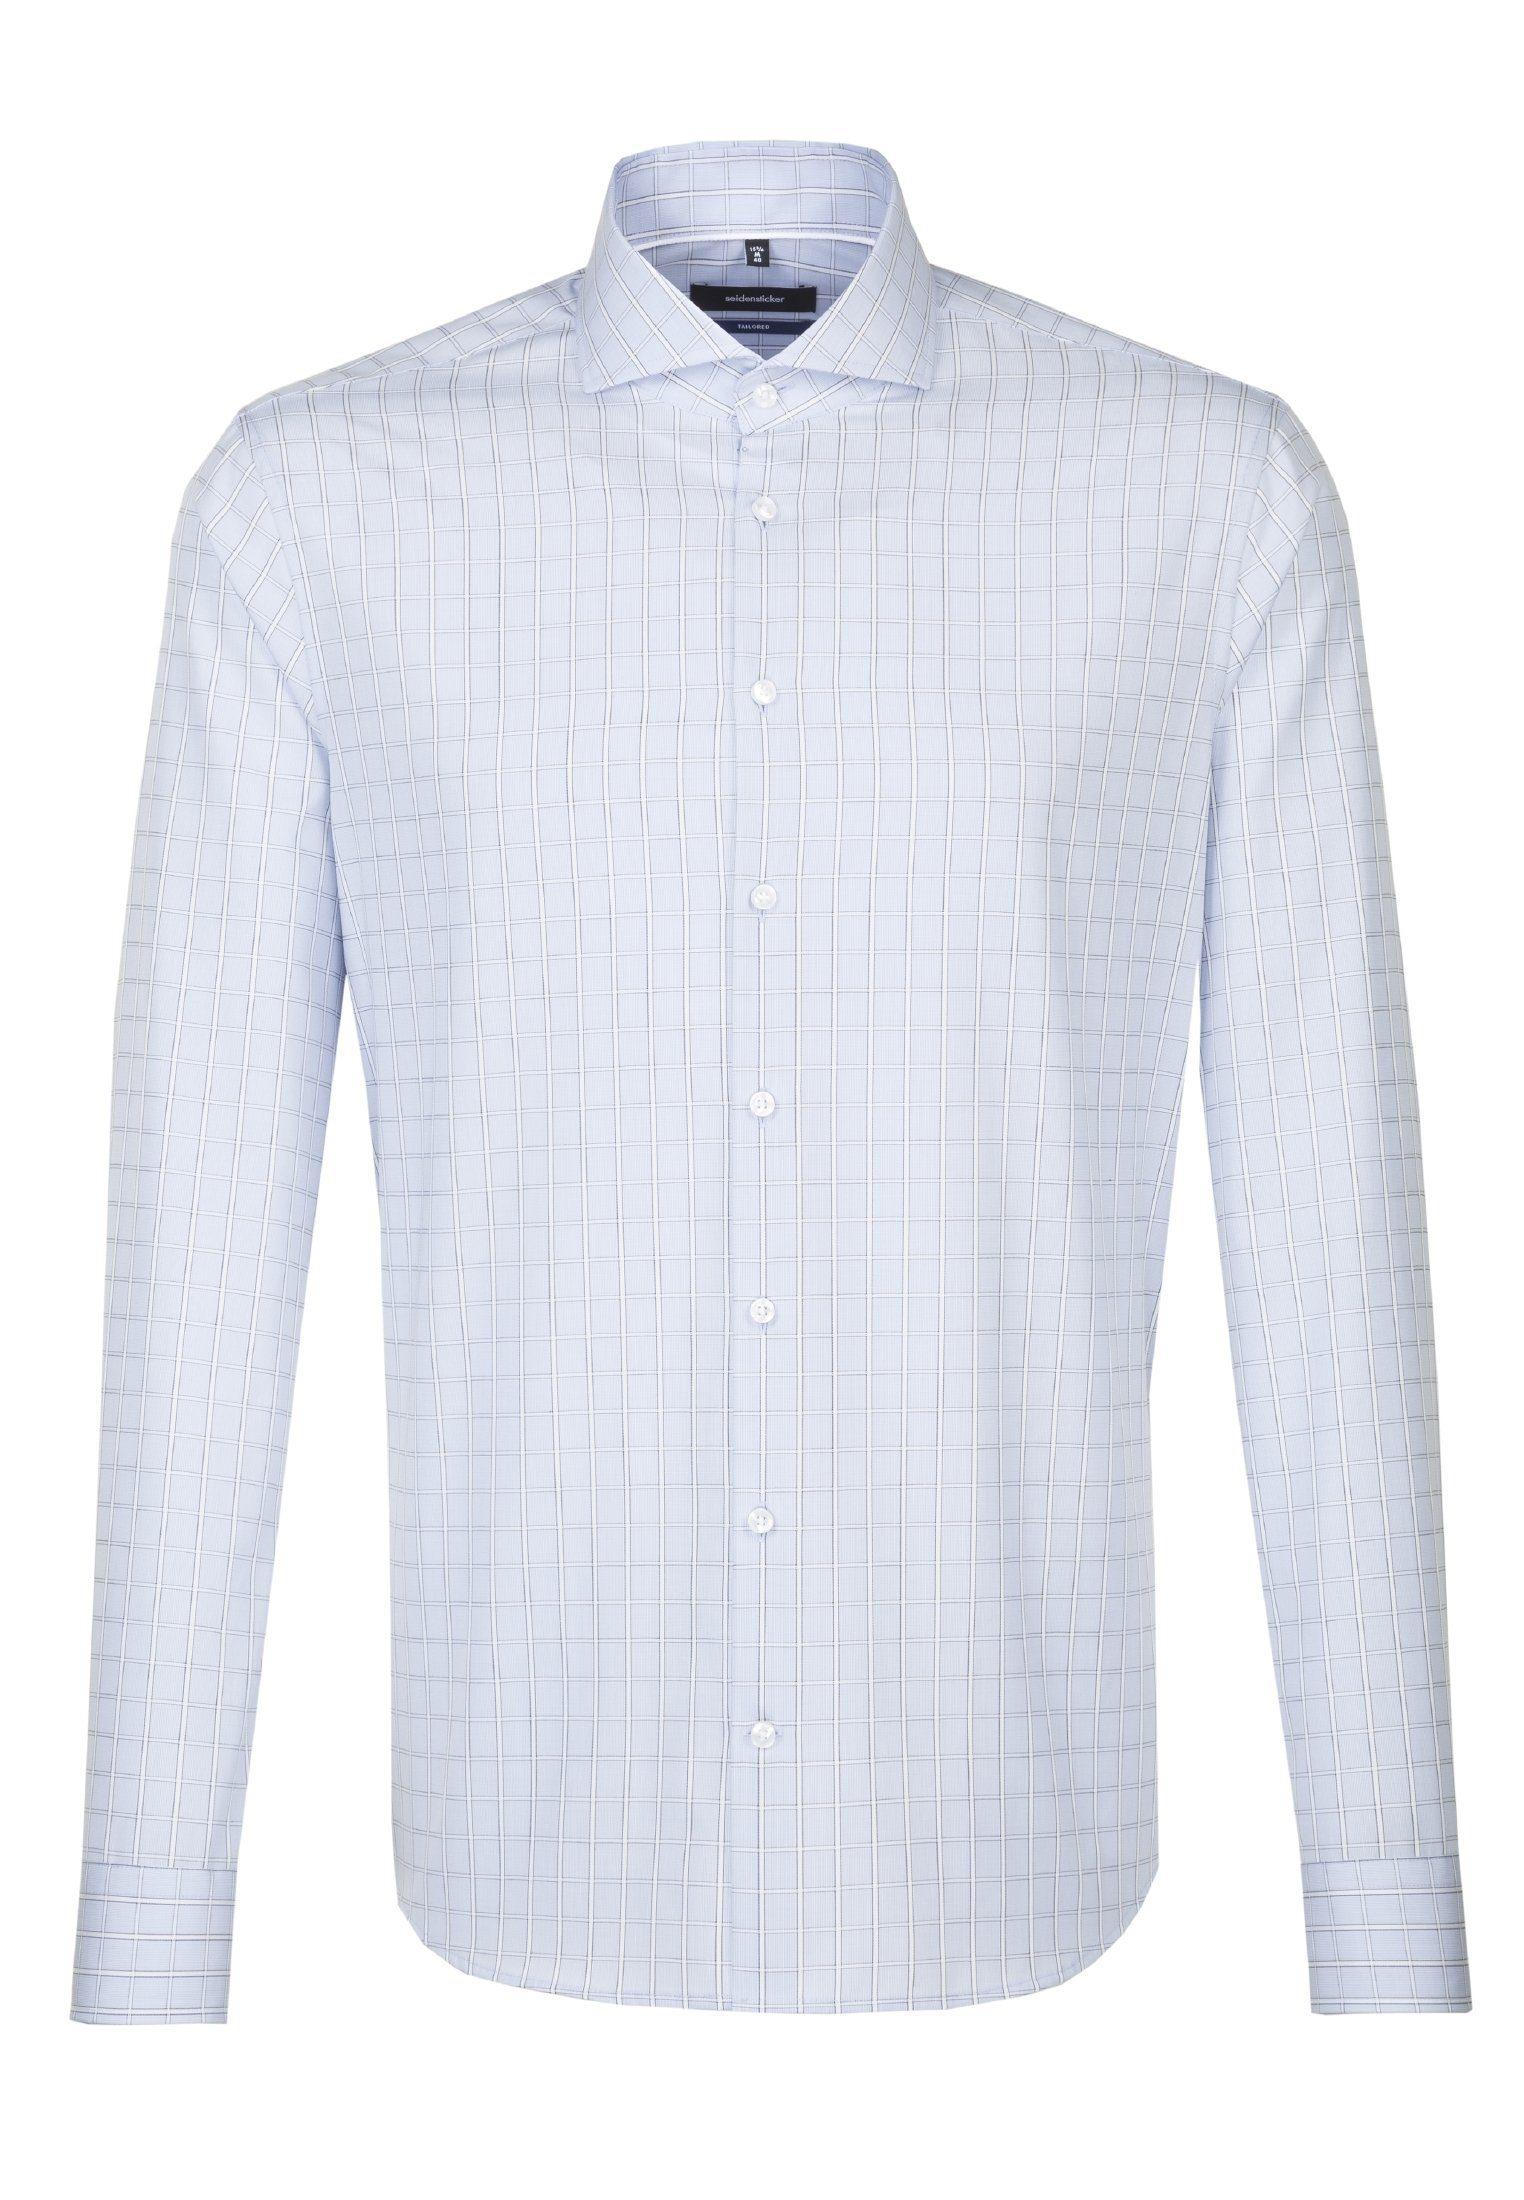 seidensticker Businesshemd »Tailored« Tailored Langarm Hai Kragen Karo online kaufen | OTTO